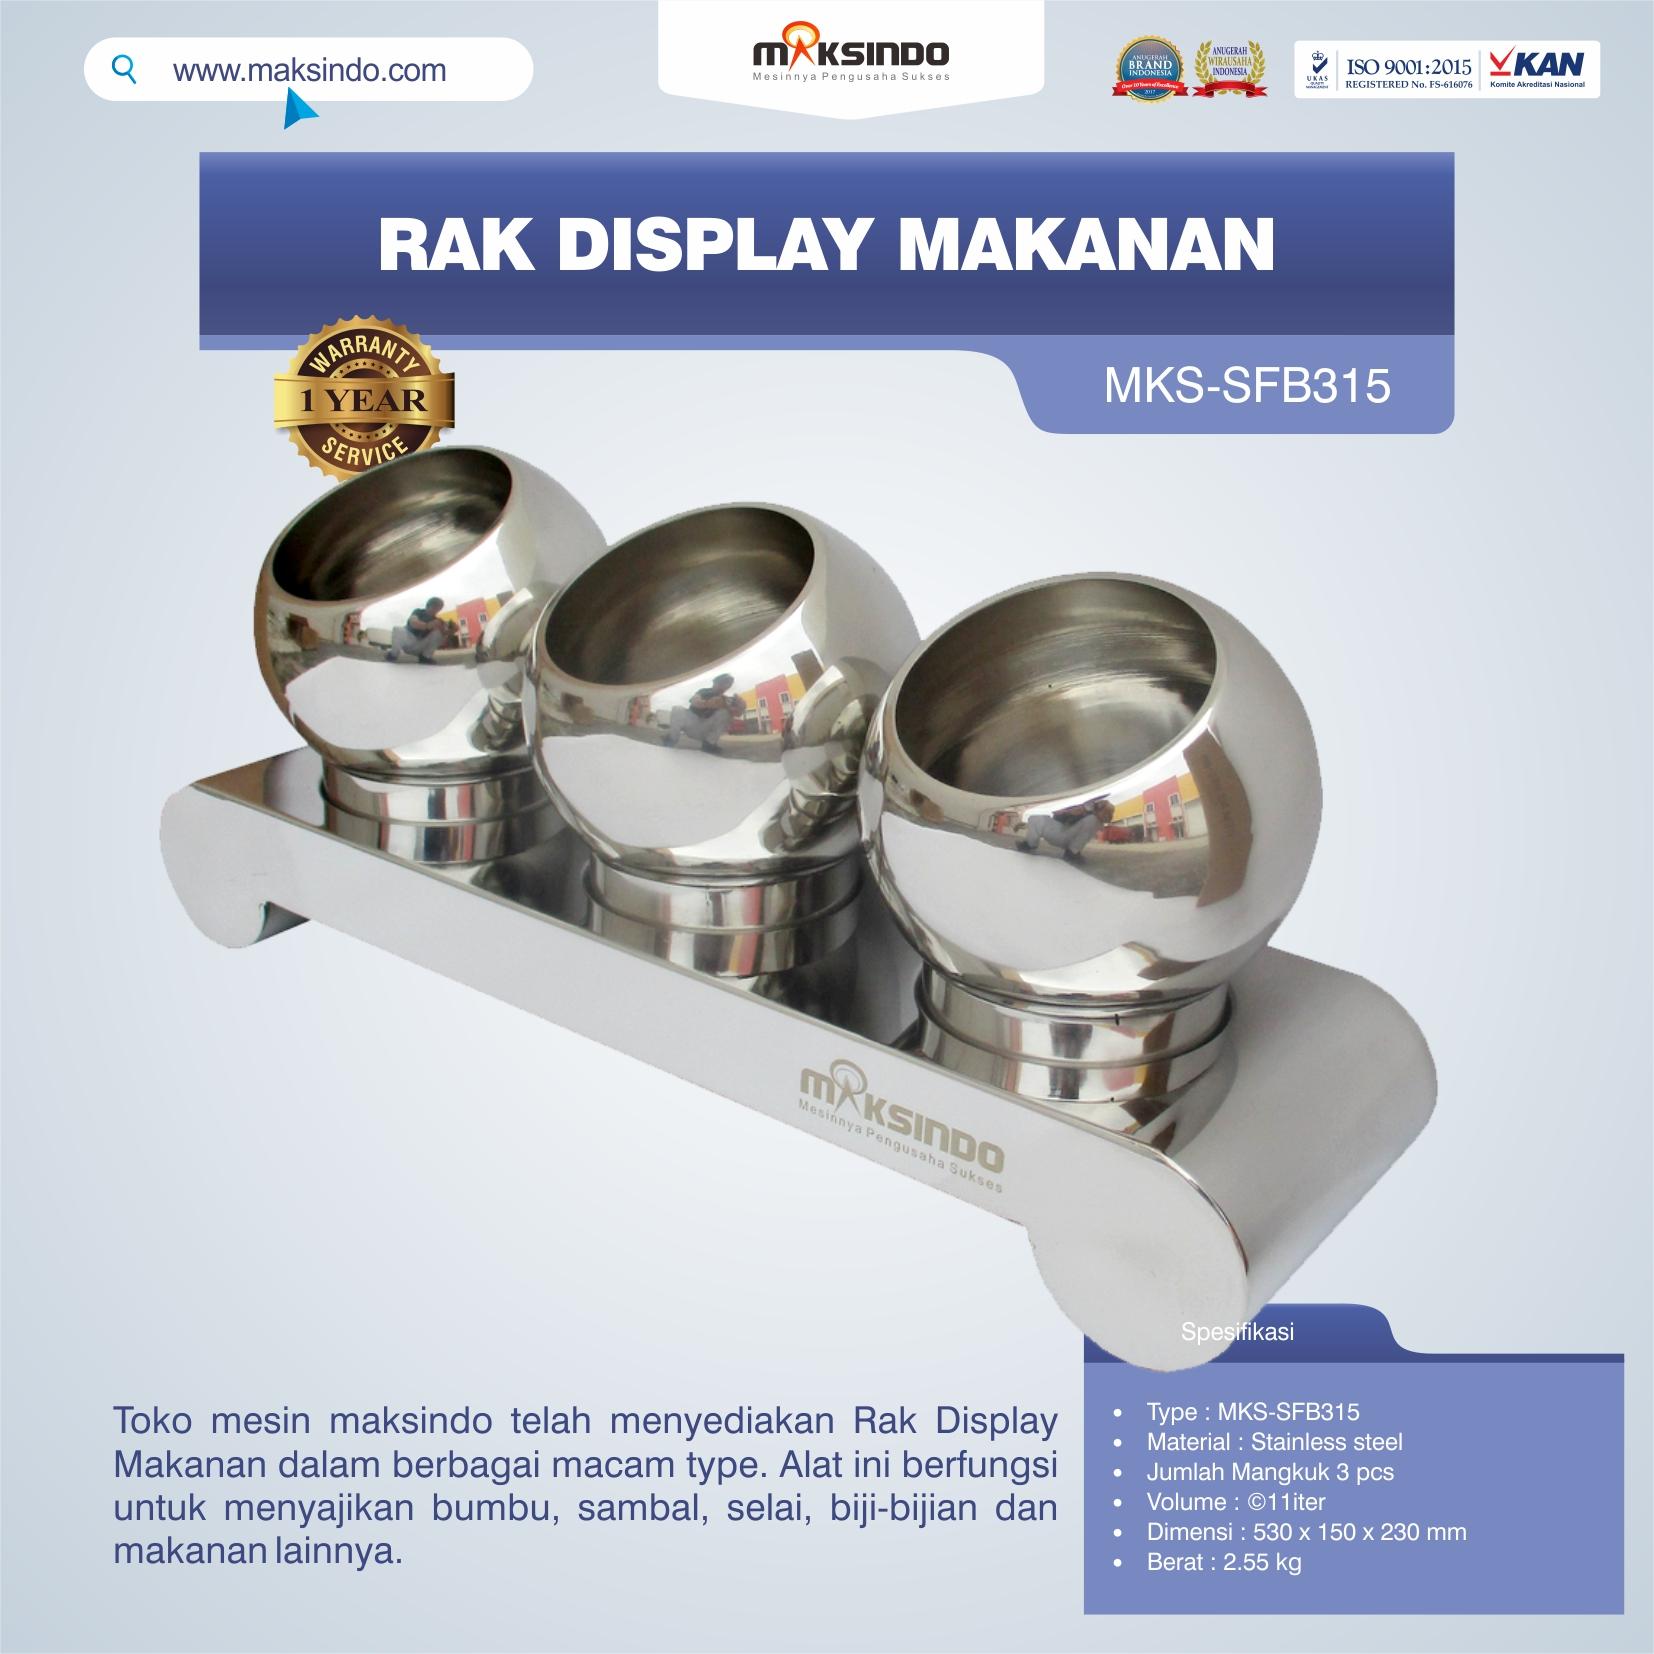 Rak Display Makanan MKS-SFB315